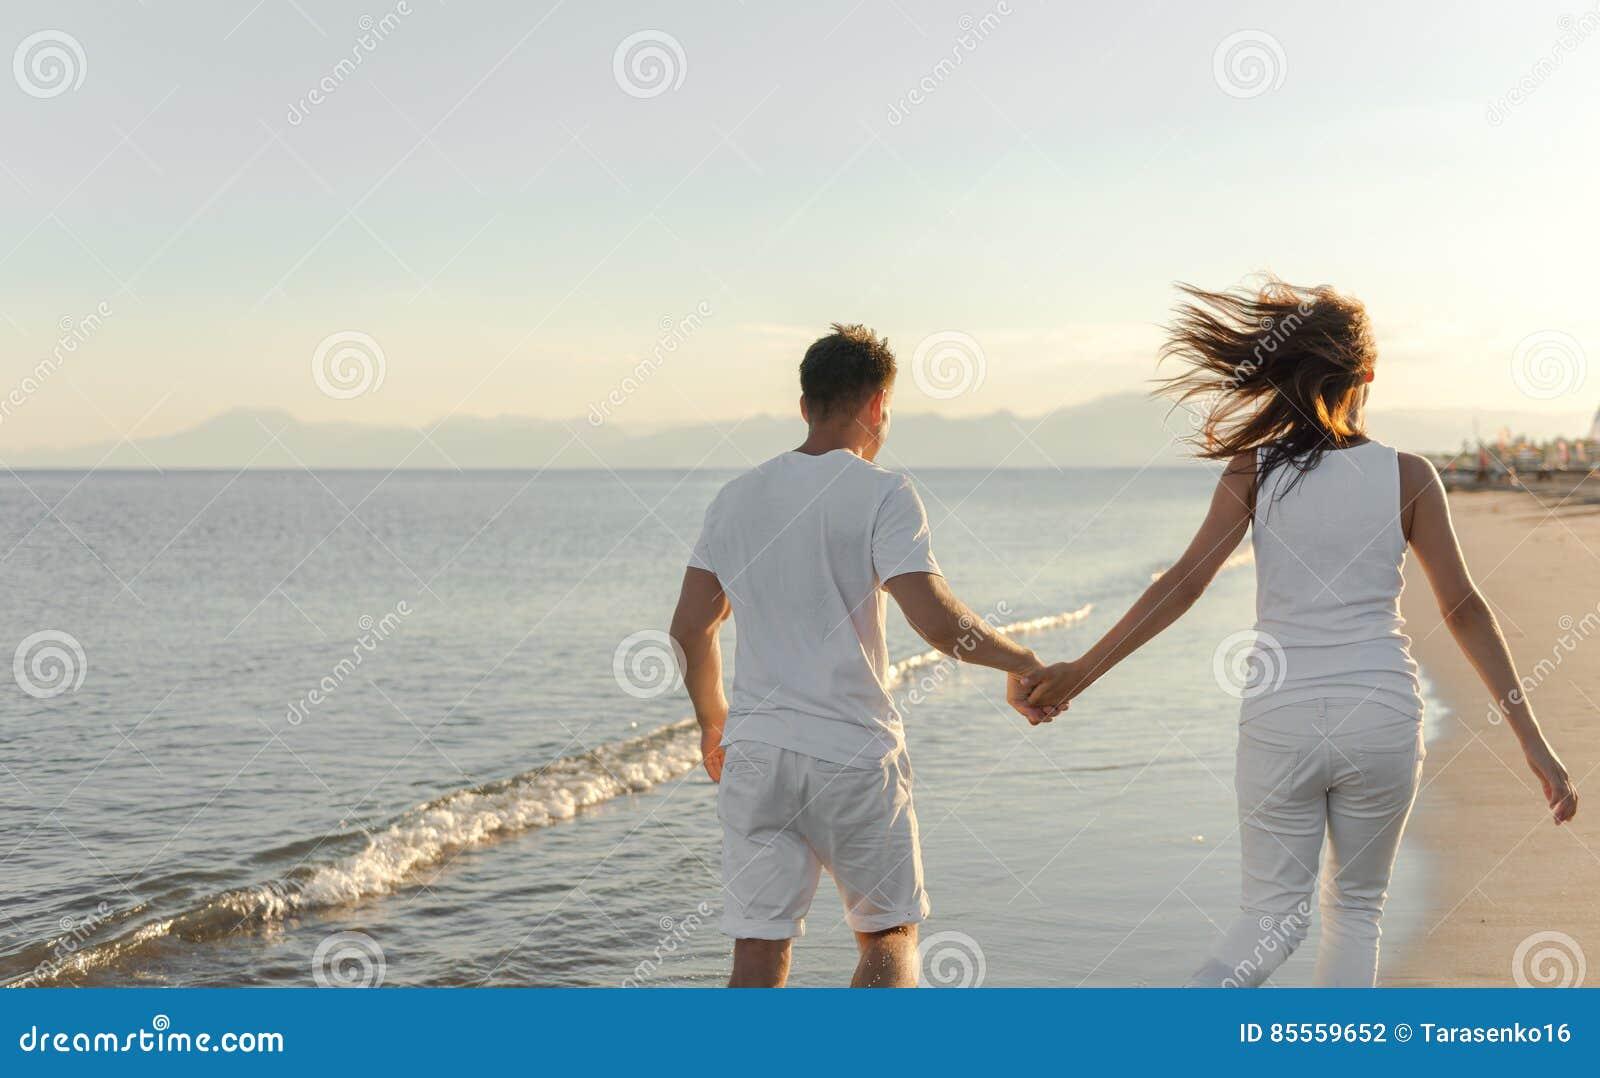 Junge Paare laufen gelassen weg auf dem Strand